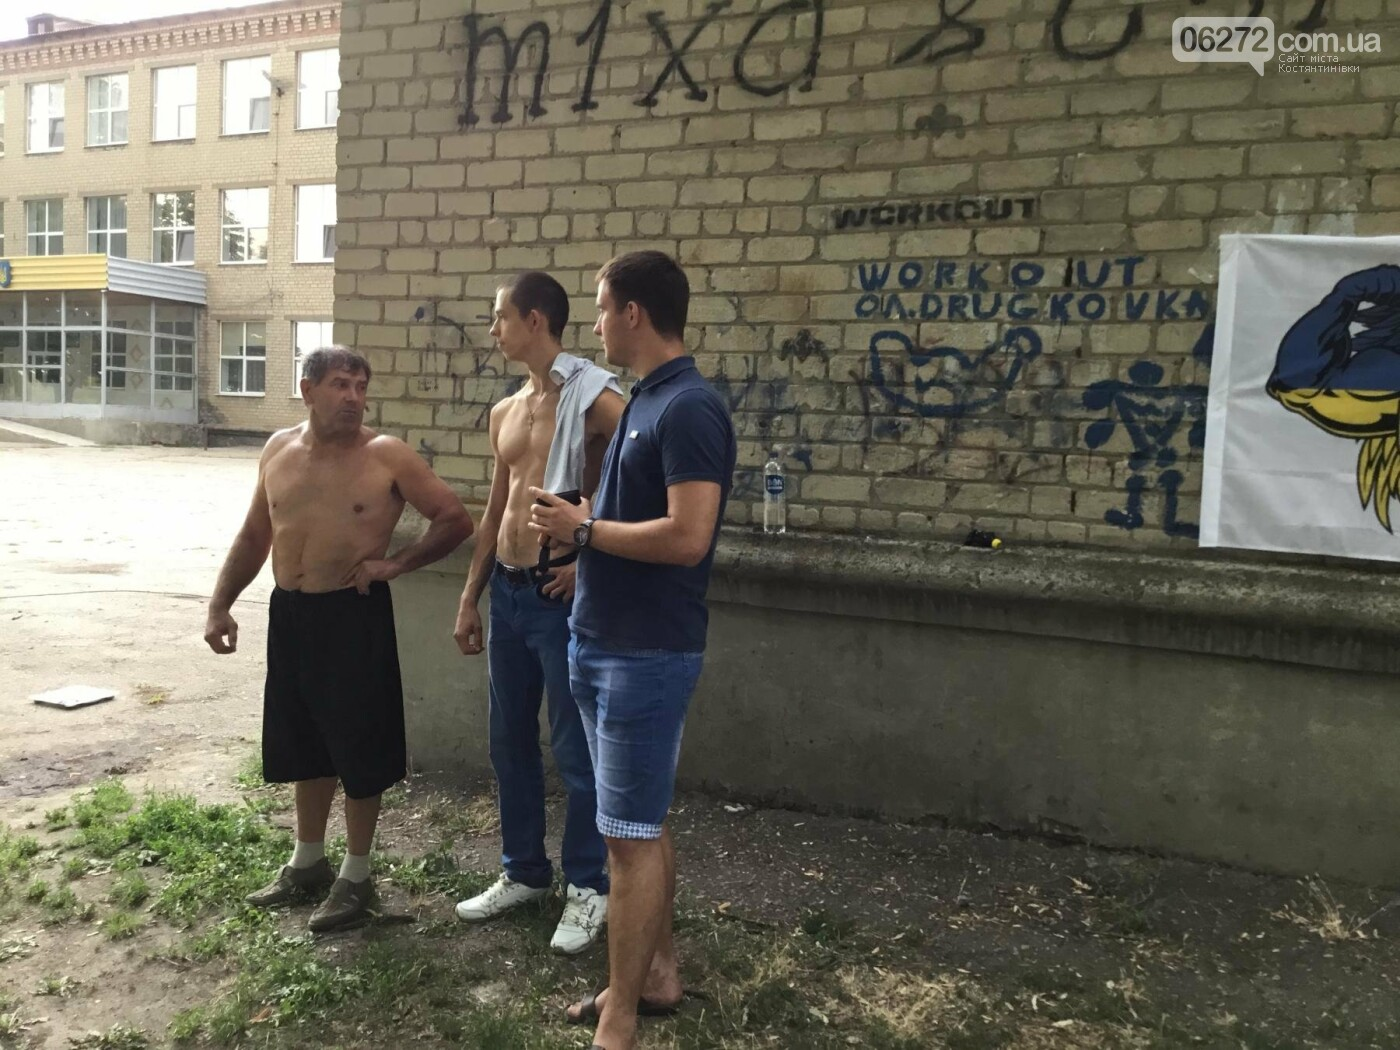 Фото с соревнований по Workout в Константиновке, фото-8